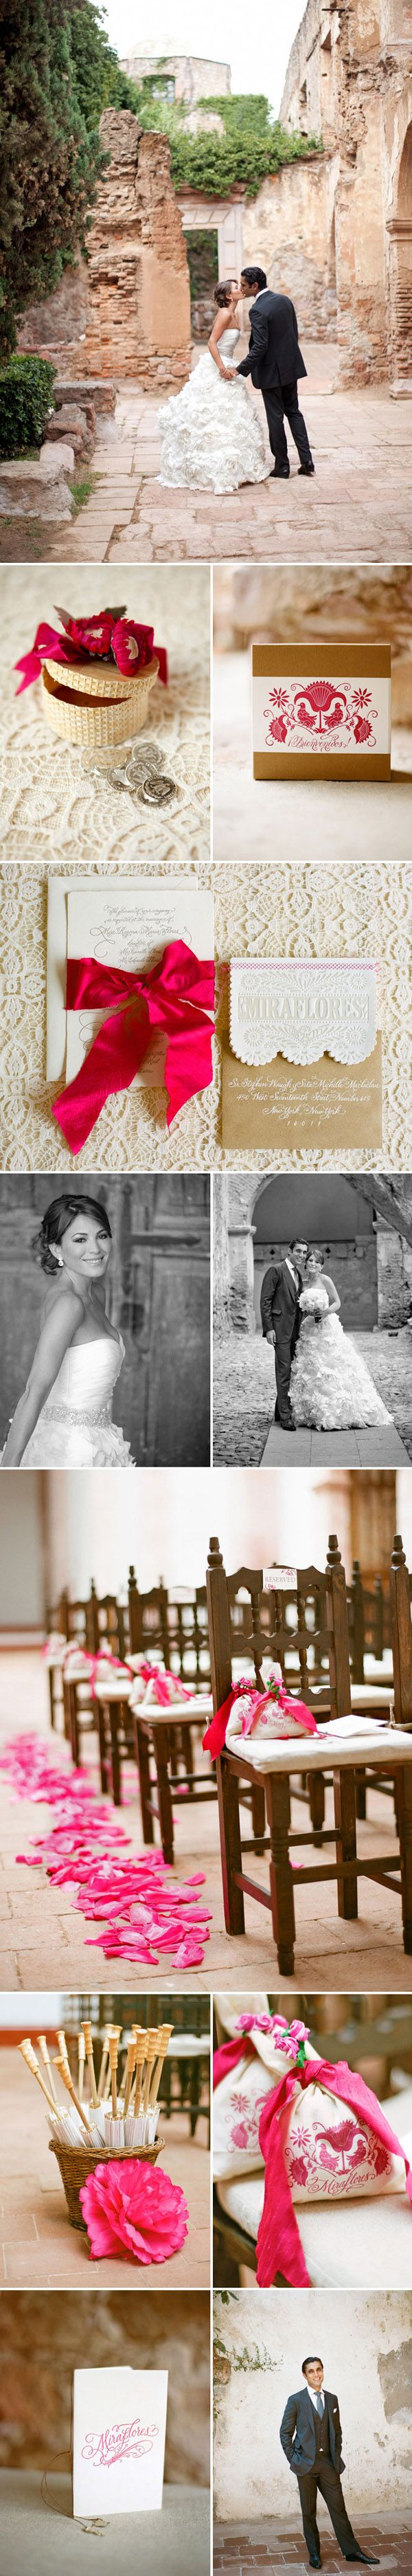 Regina & Zaheen: boda en Zacatecas mexico_3_600x3748